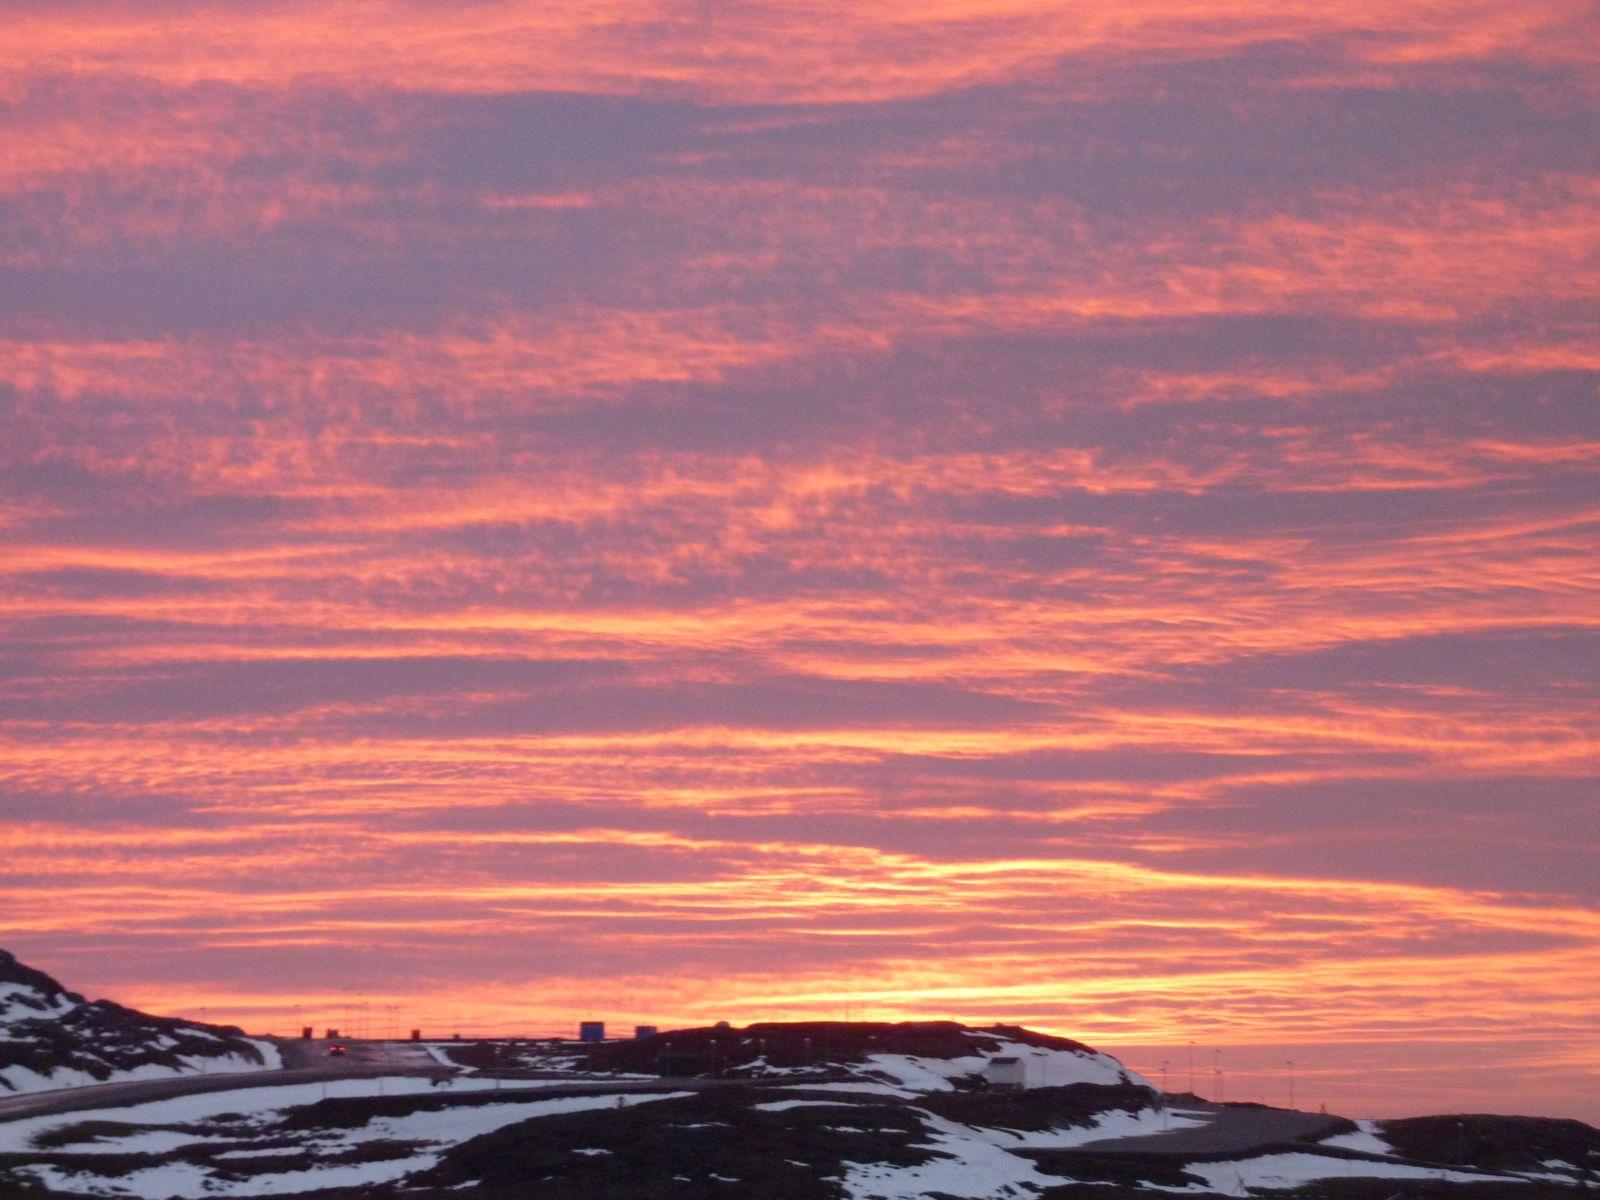 2010-12-18-1447_-_Pupik 4-102; Solnedgang; Udsigt fra altan